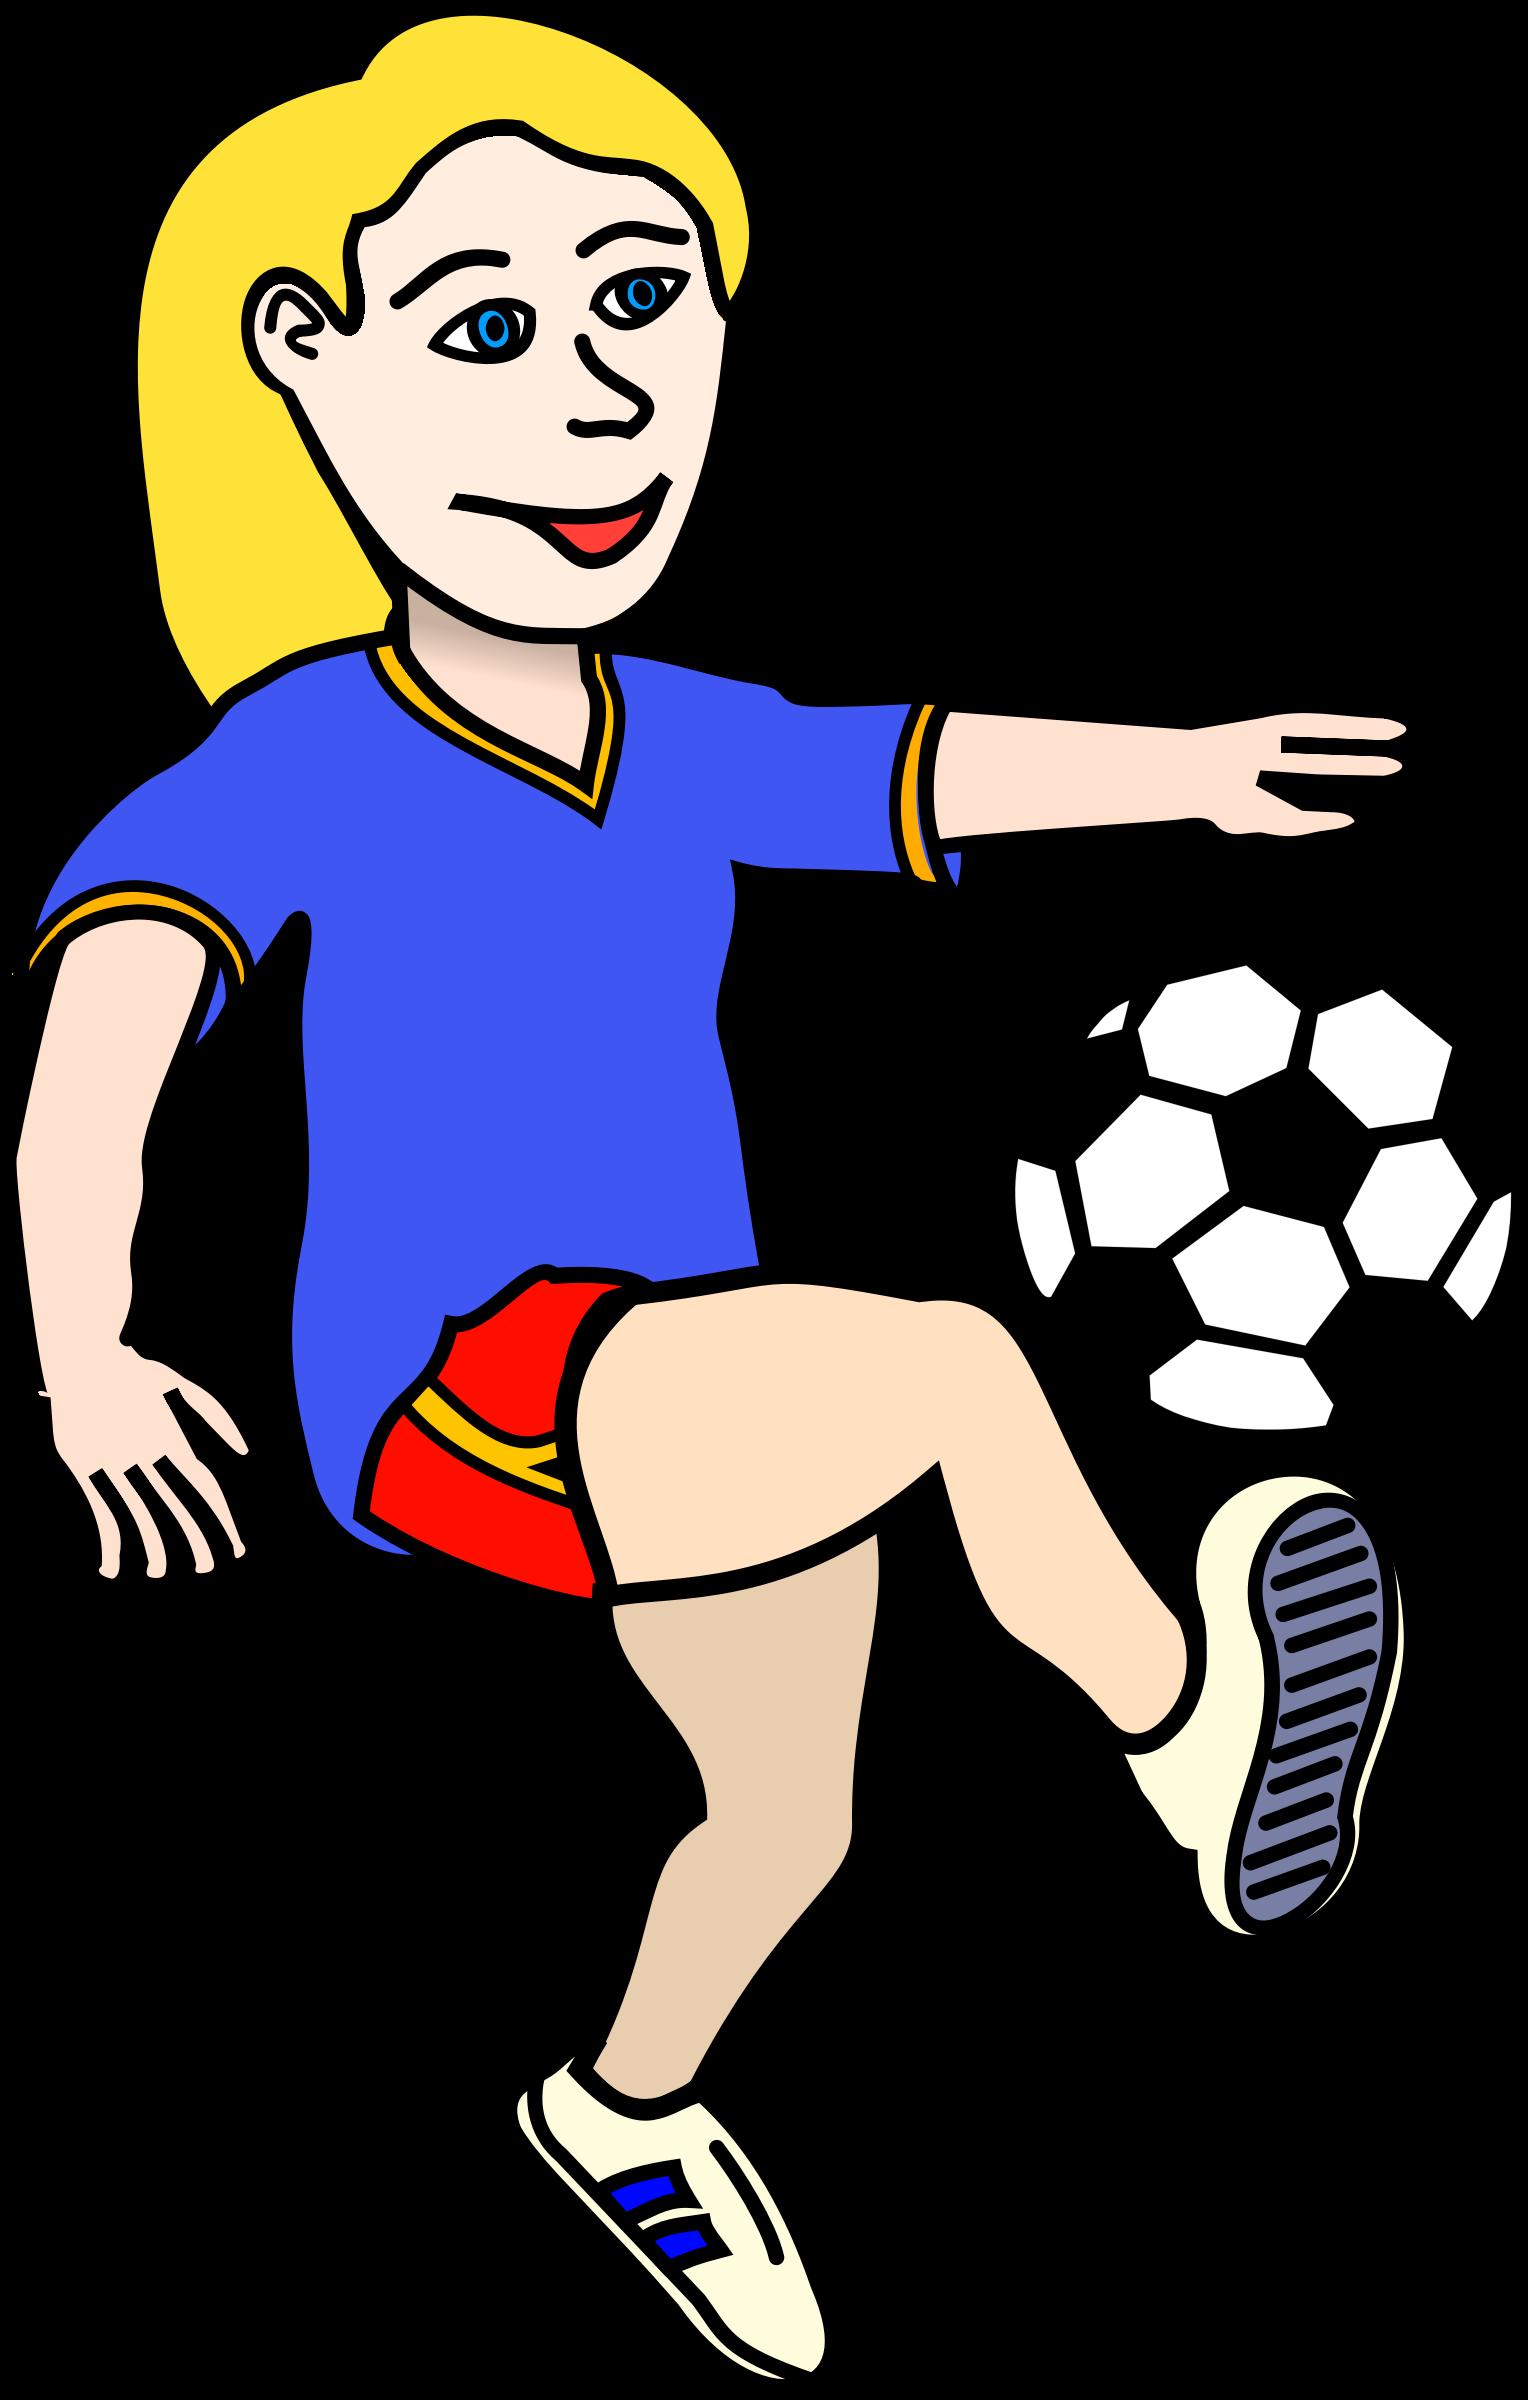 Female clipart sports coach, Female sports coach Transparent.